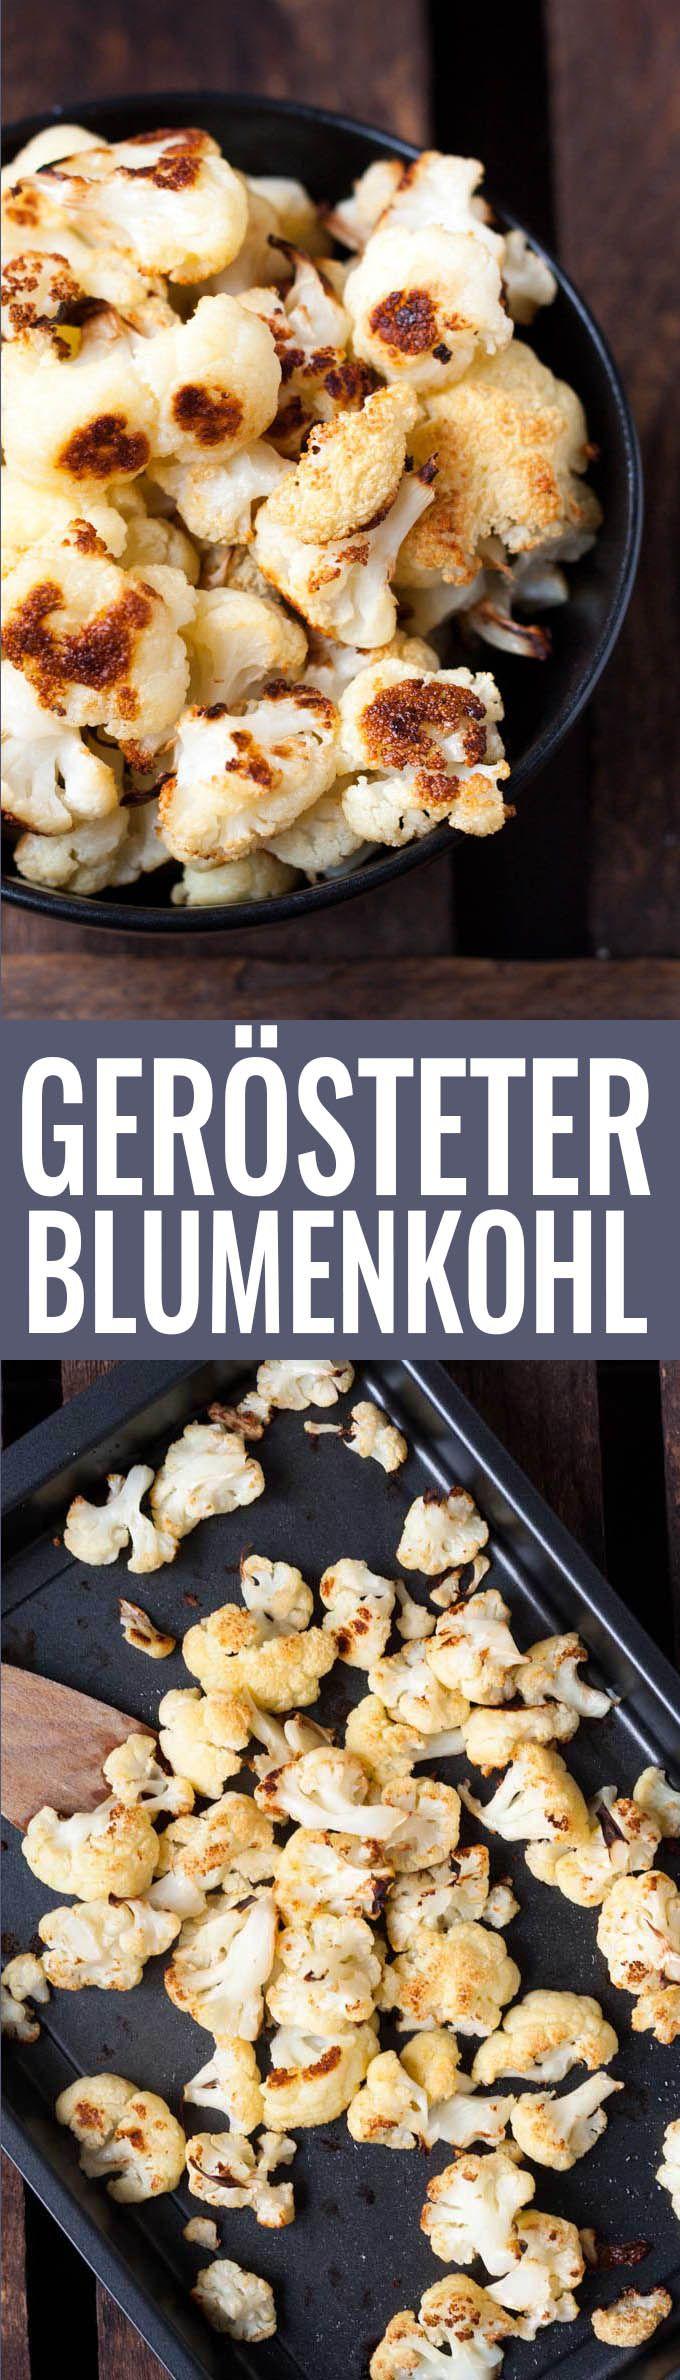 Perfekt gerösteter Blumenkohl: Der beste Blumenkohl aller Zeiten, im Ofen schnell und einfach mit Olivenöl geröstet. Der Geschmack wird dich umhauen!